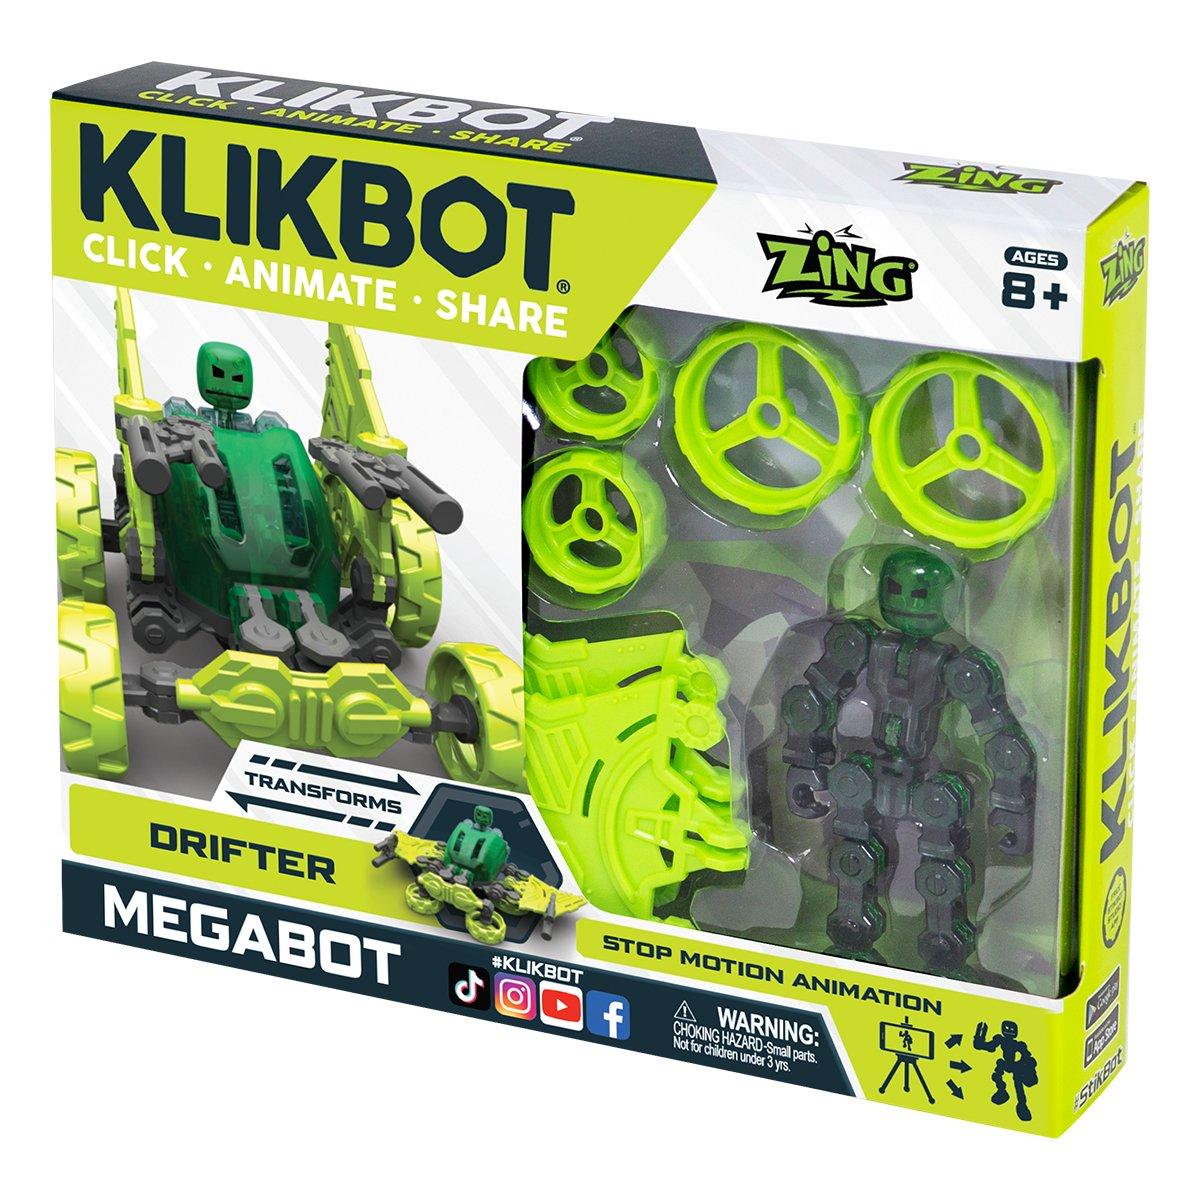 Set Figurina Robot articulat transformabil KlikBot Megabots Drifter, Green